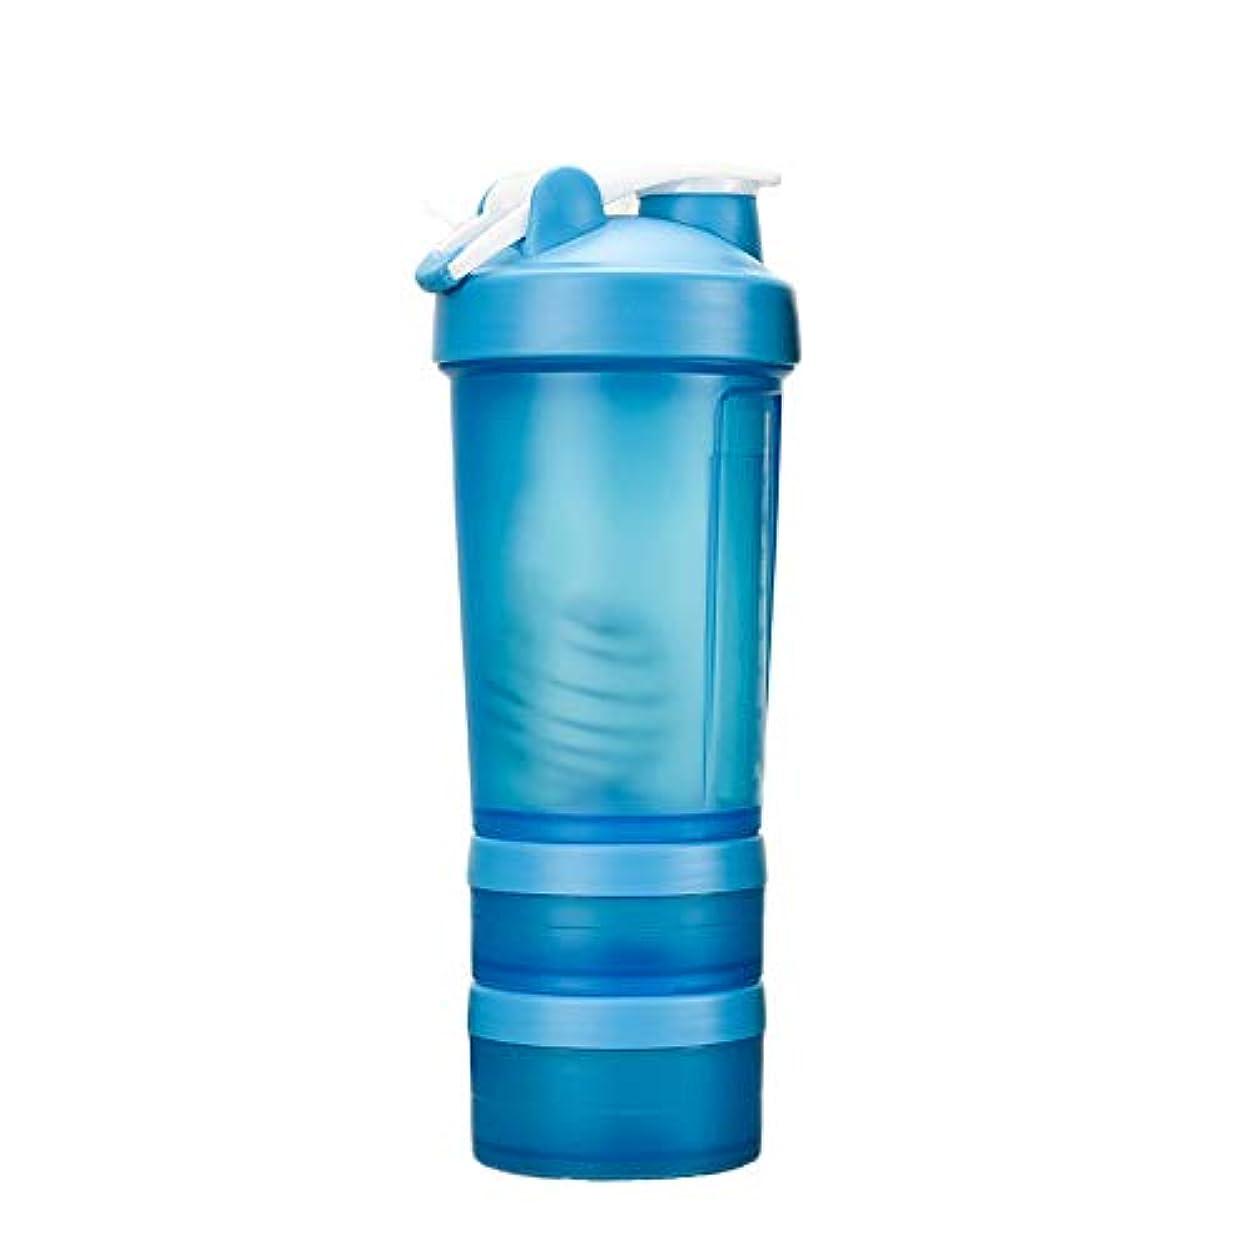 ズームインするナース受信機650ml シェーカーボトルフィットネスプロテインミキサーカッププラスチックスポーツレイヤリングケトルとカプセルボックススカラボールとスケール表示屋外カフェバーオフィス栄養,Blue